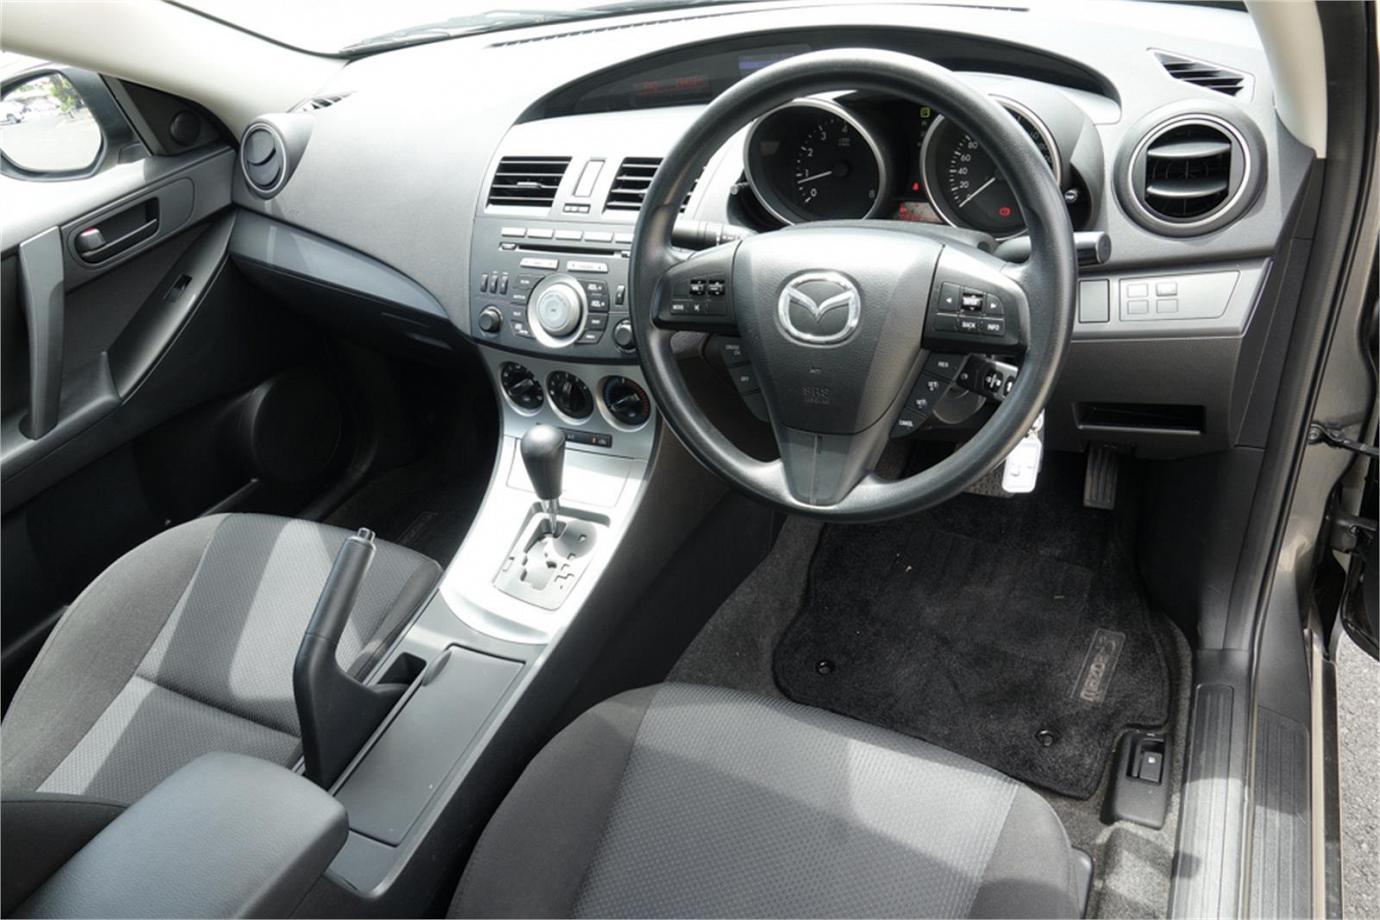 2010 Mazda 3 BL10F1 Neo Sedan 4dr Activematic 5sp 2.0i